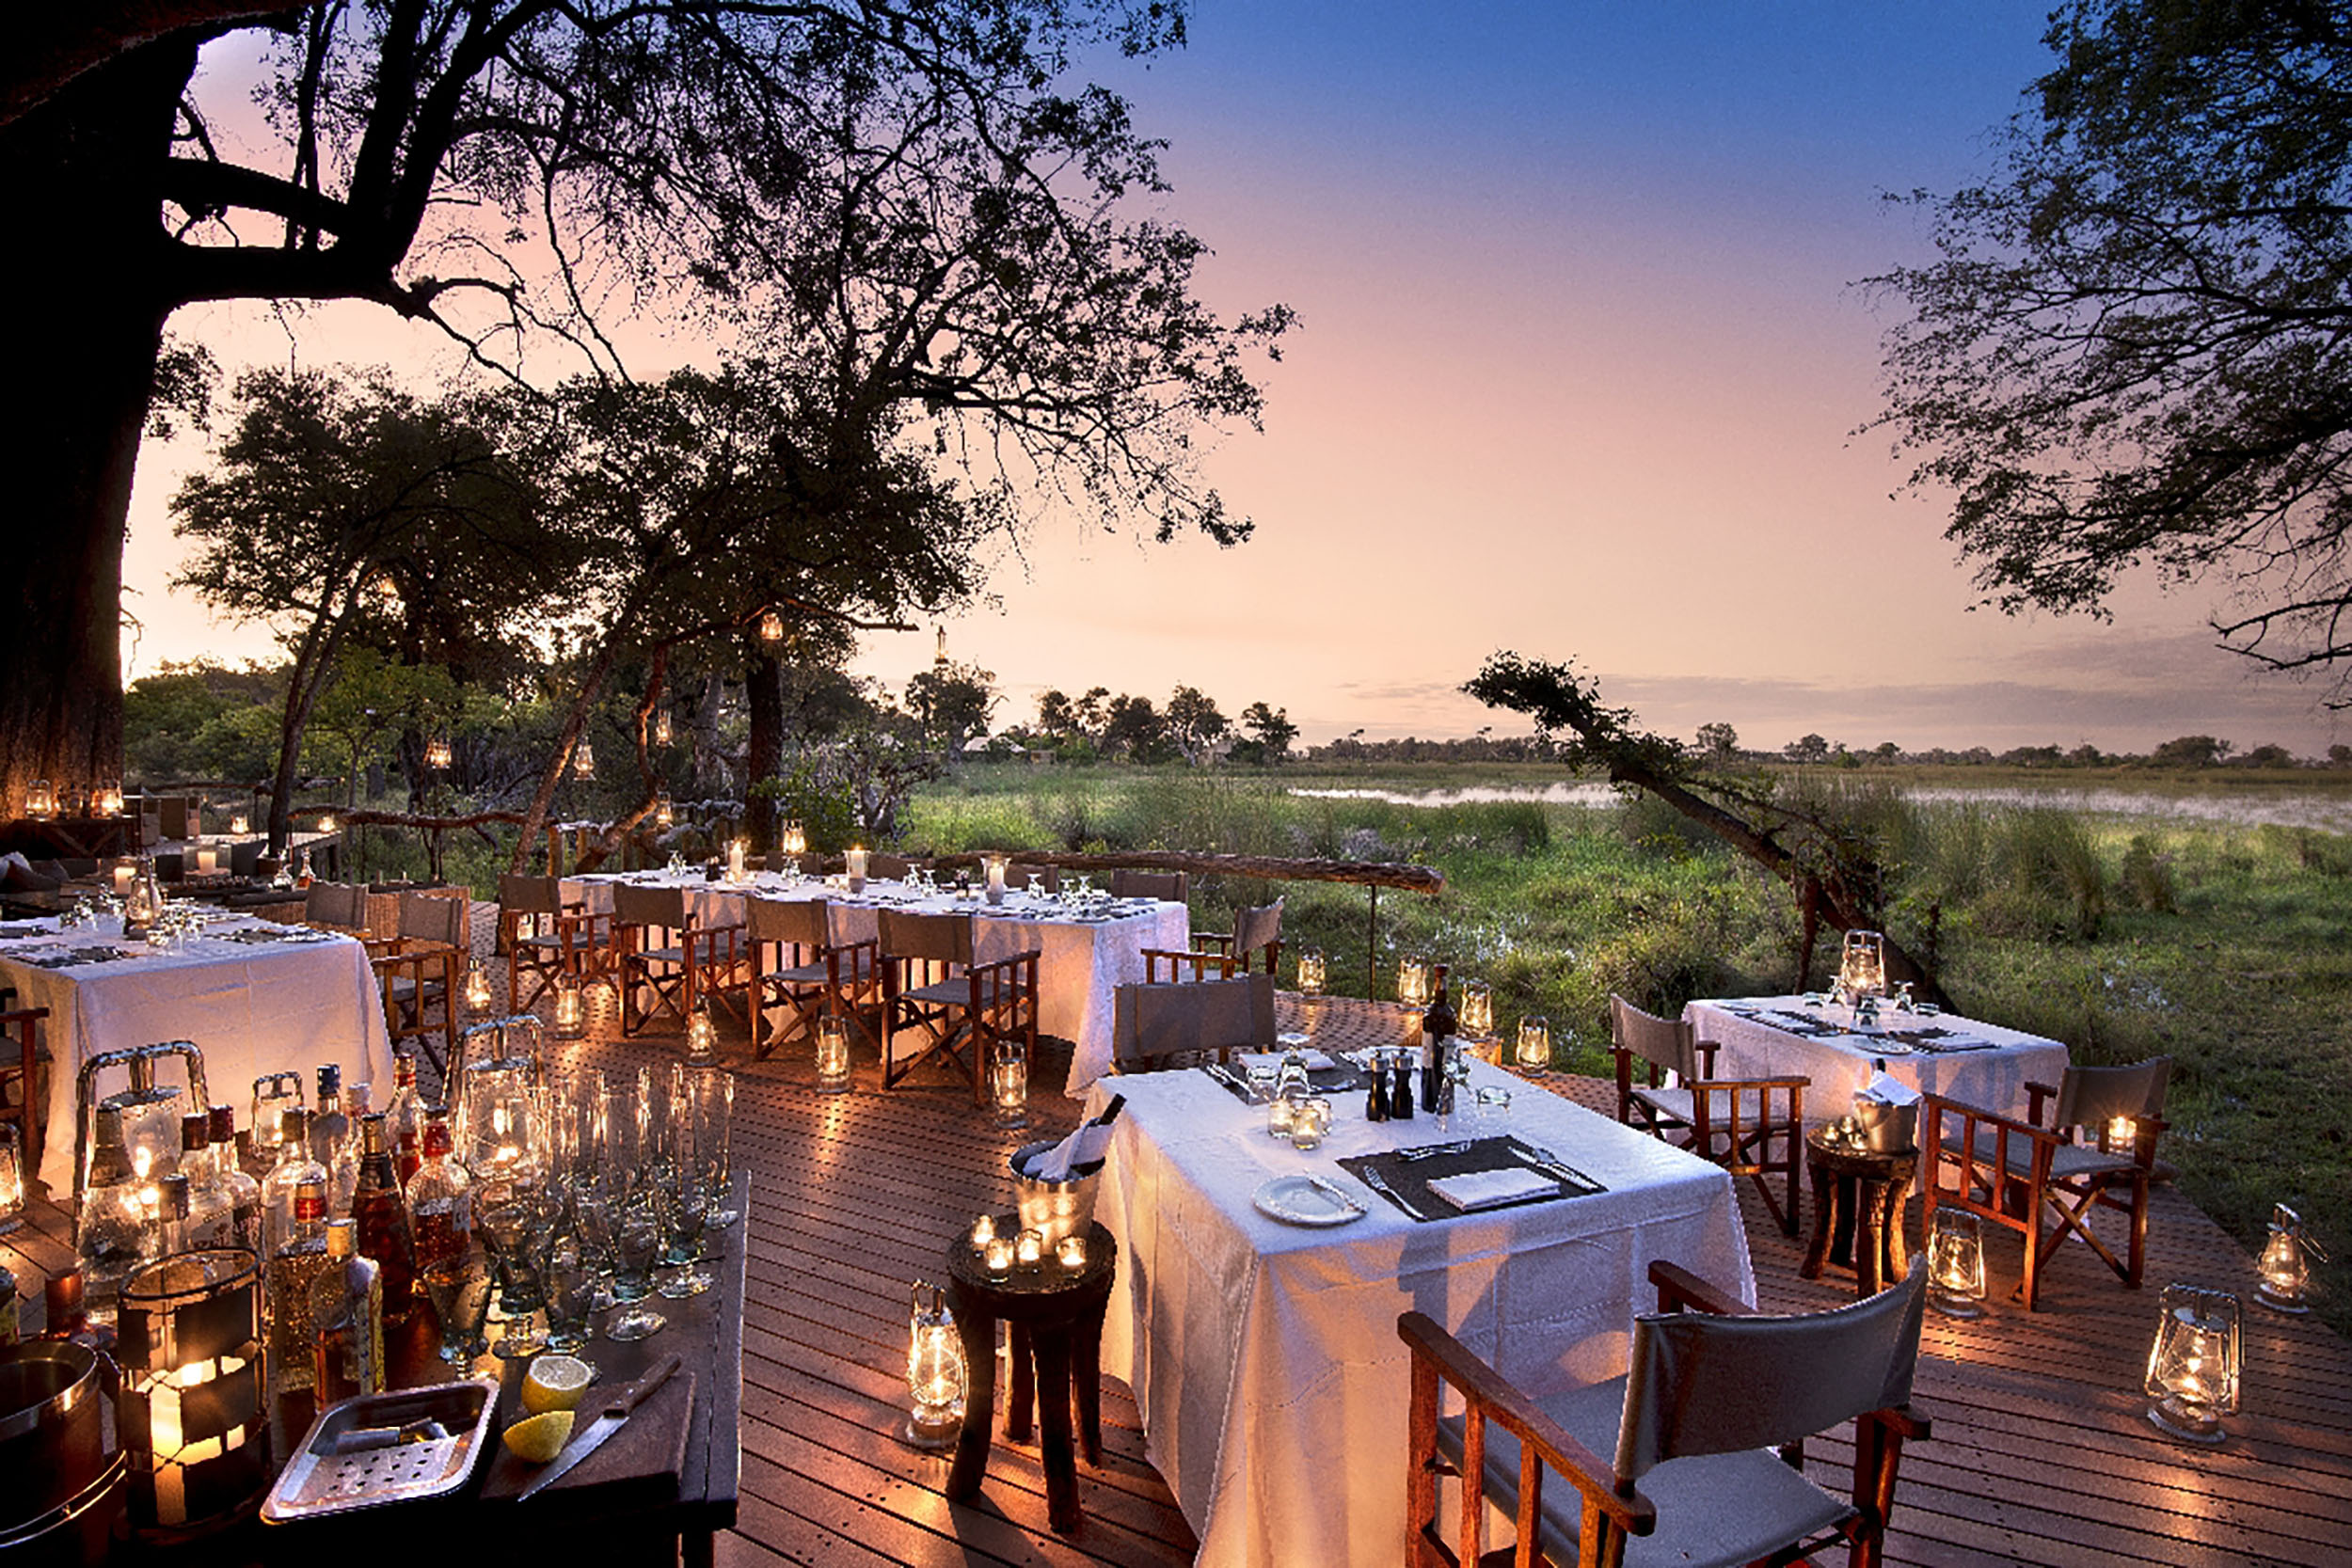 andBeyond-Nxabega-Okavango-Tented-Camp-Guest-Area1.jpg